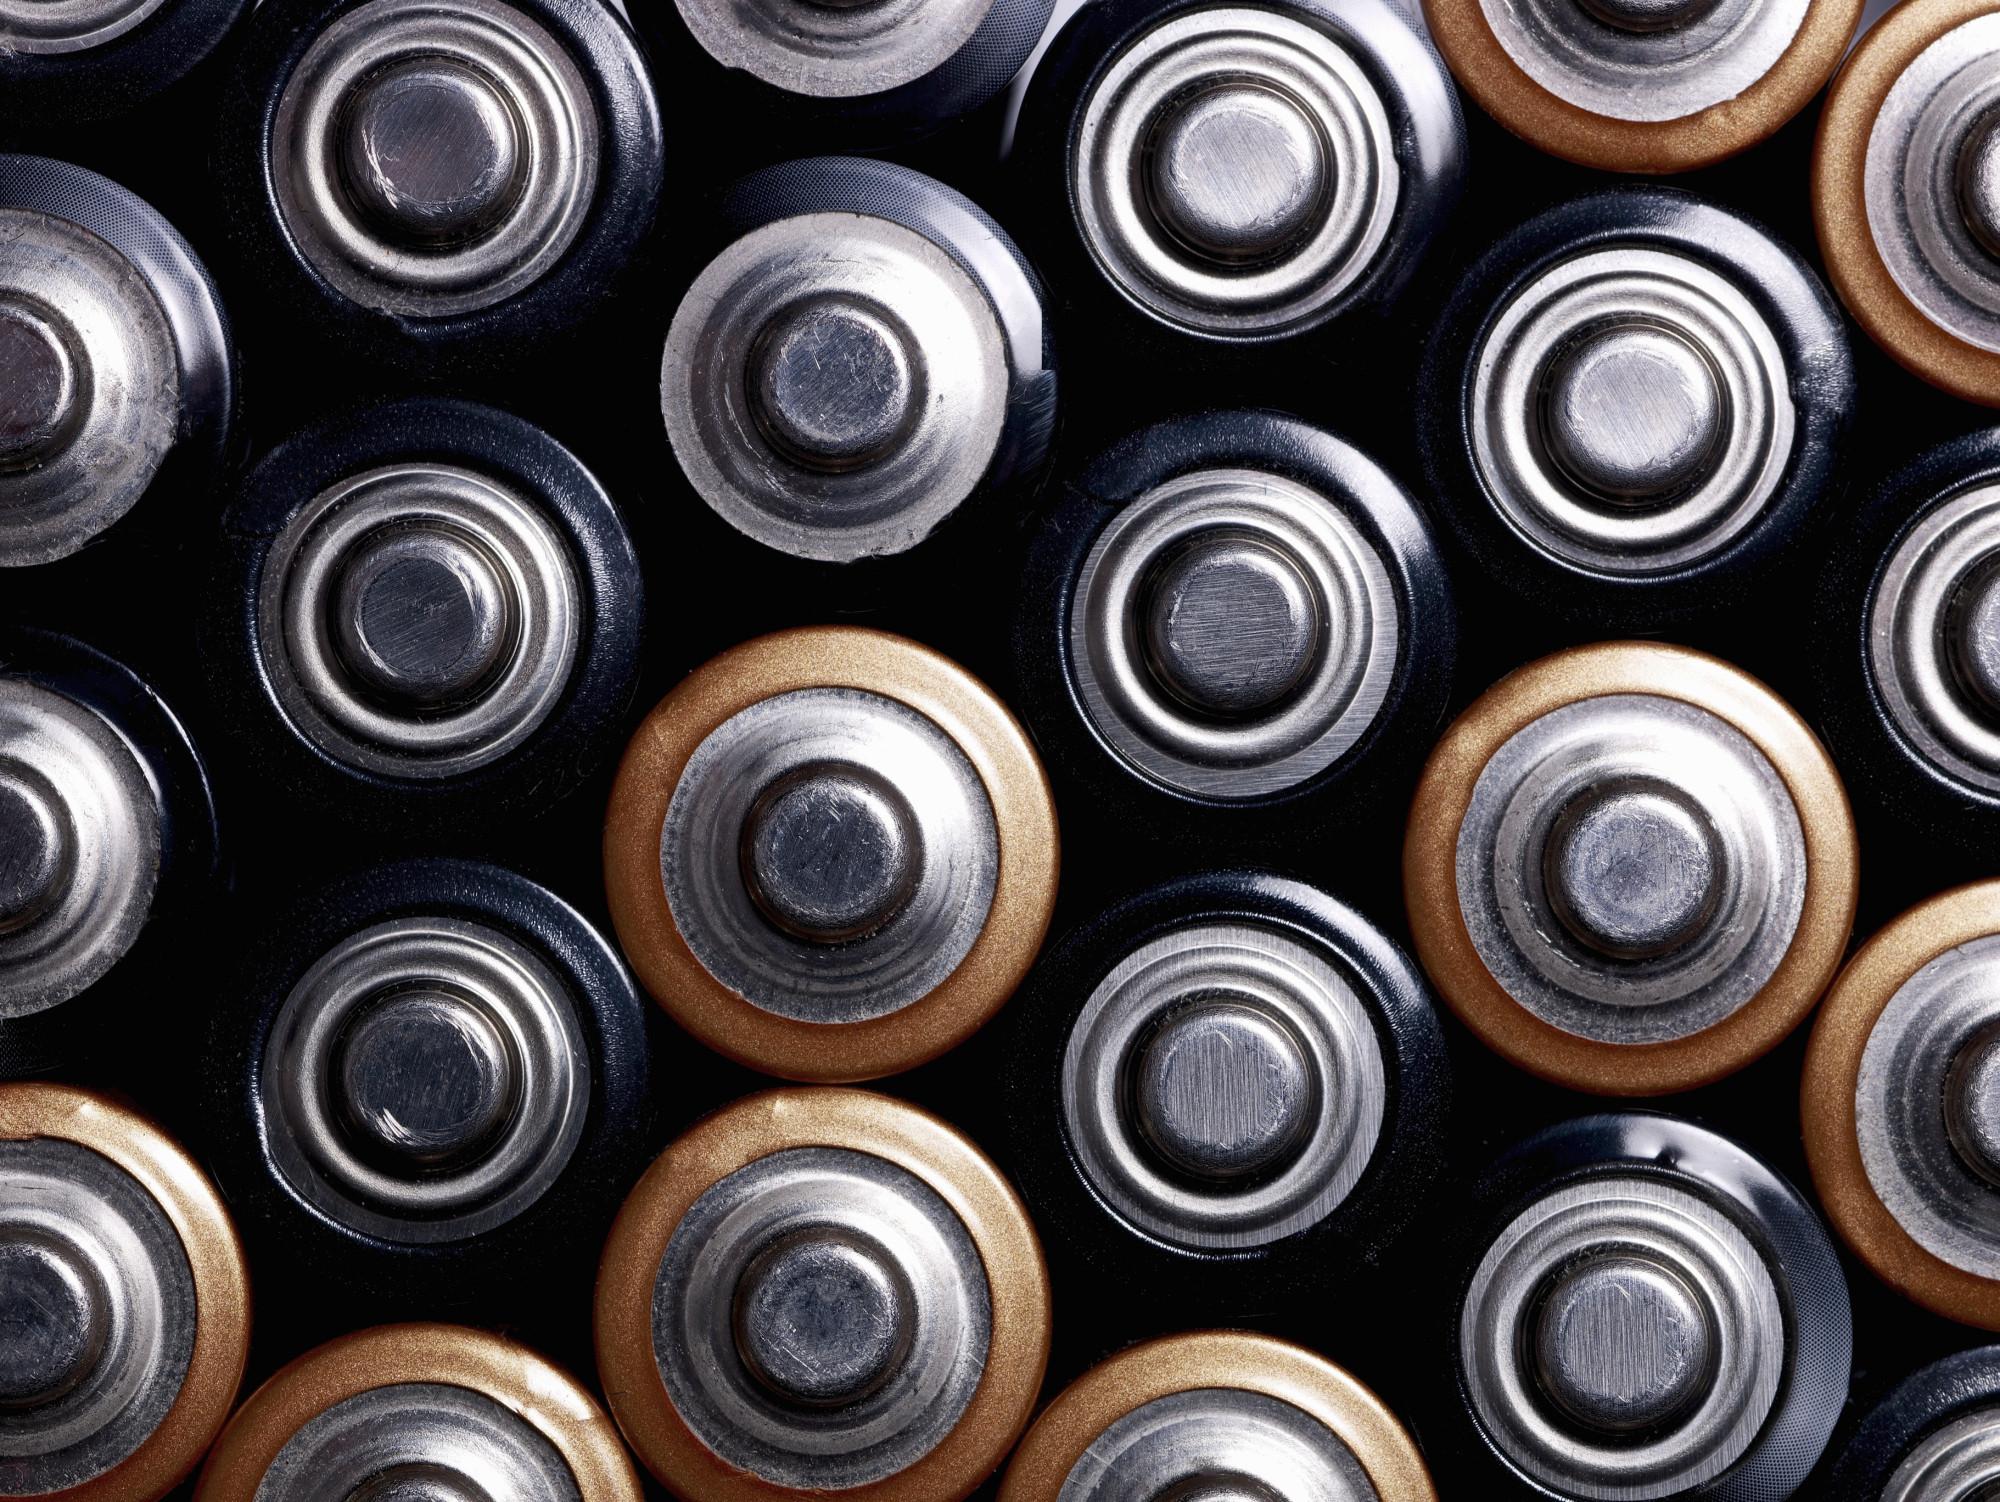 2015-08-21-1440184401-8279694-Batteries.jpg